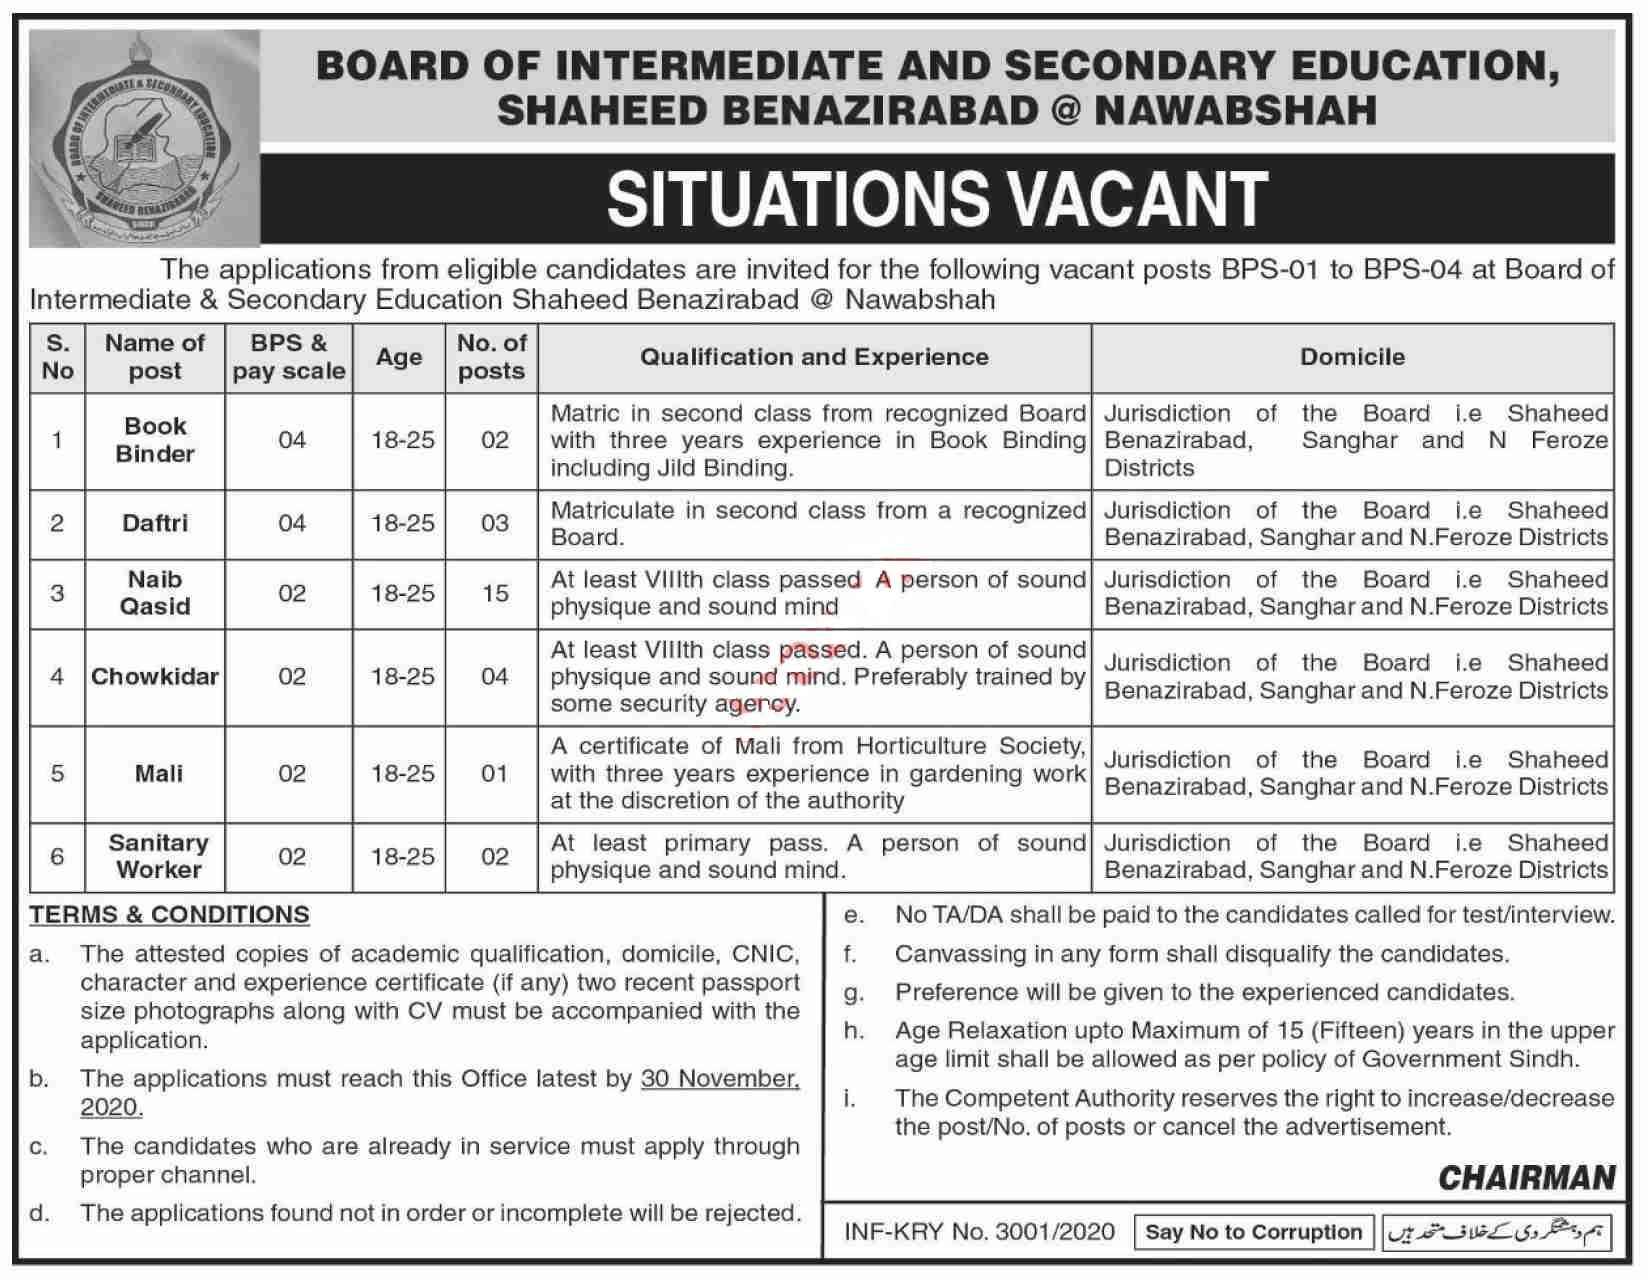 BISE Shaheed Benazirabad Jobs 2020 for Book Binder, Naib Qasid and more